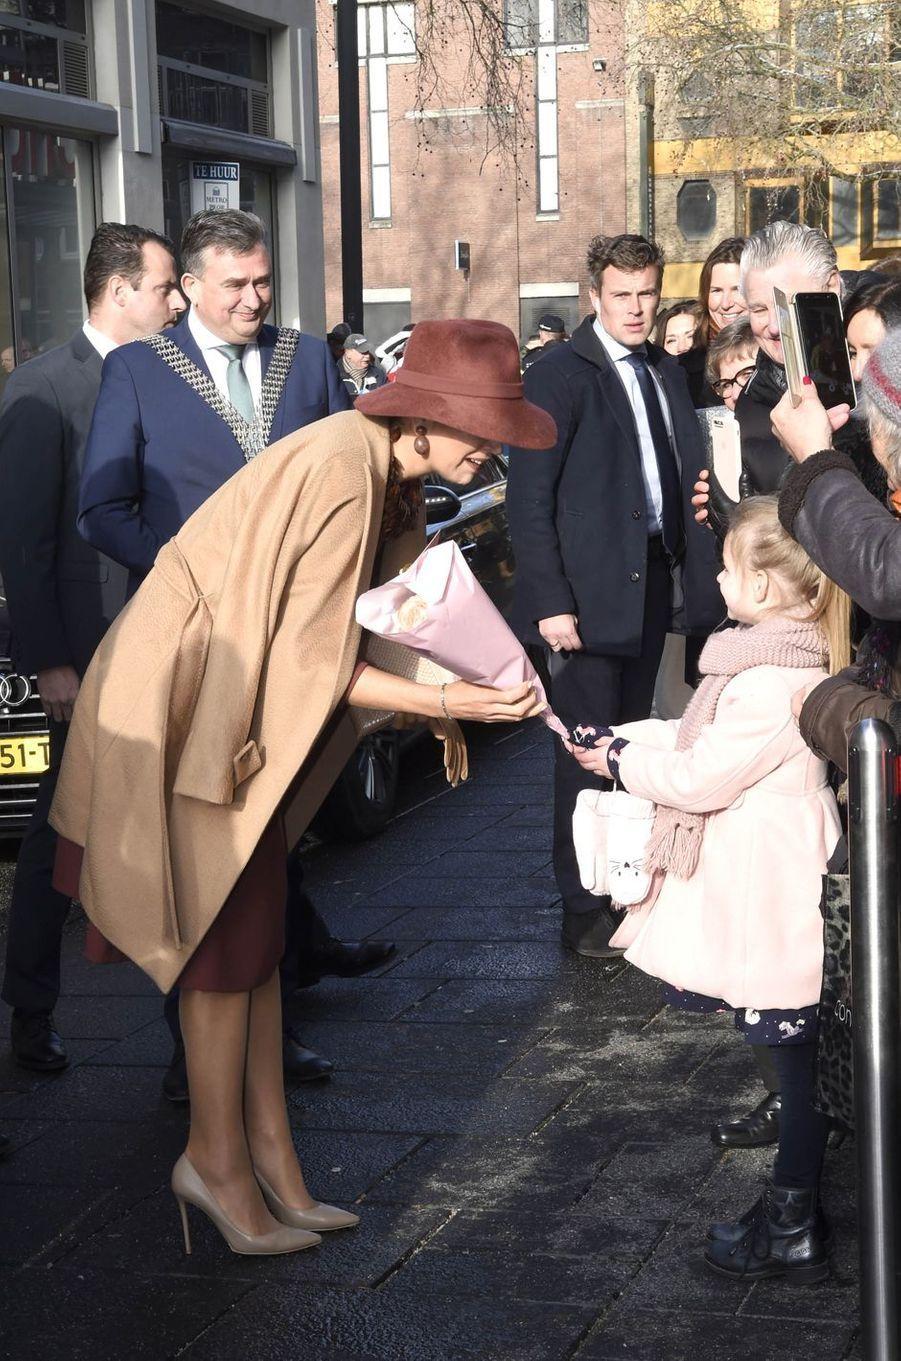 La reine Maxima des Pays-Bas à son arrivée à Heerlen, le 31 janvier 2019